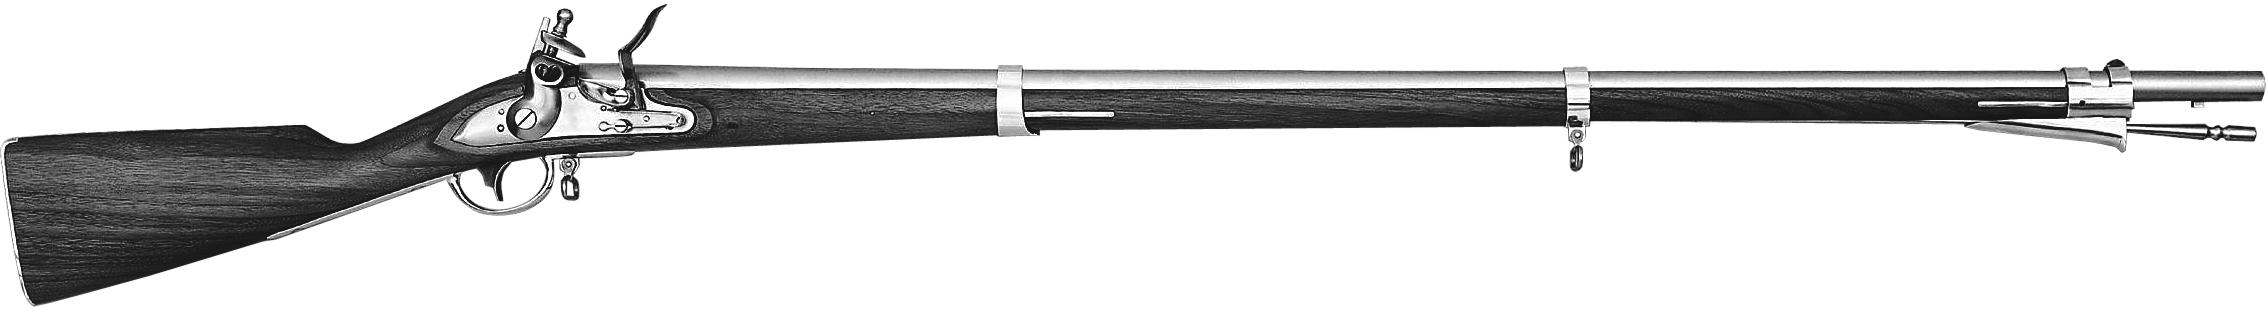 Austrian 1798 Flintlock Musket